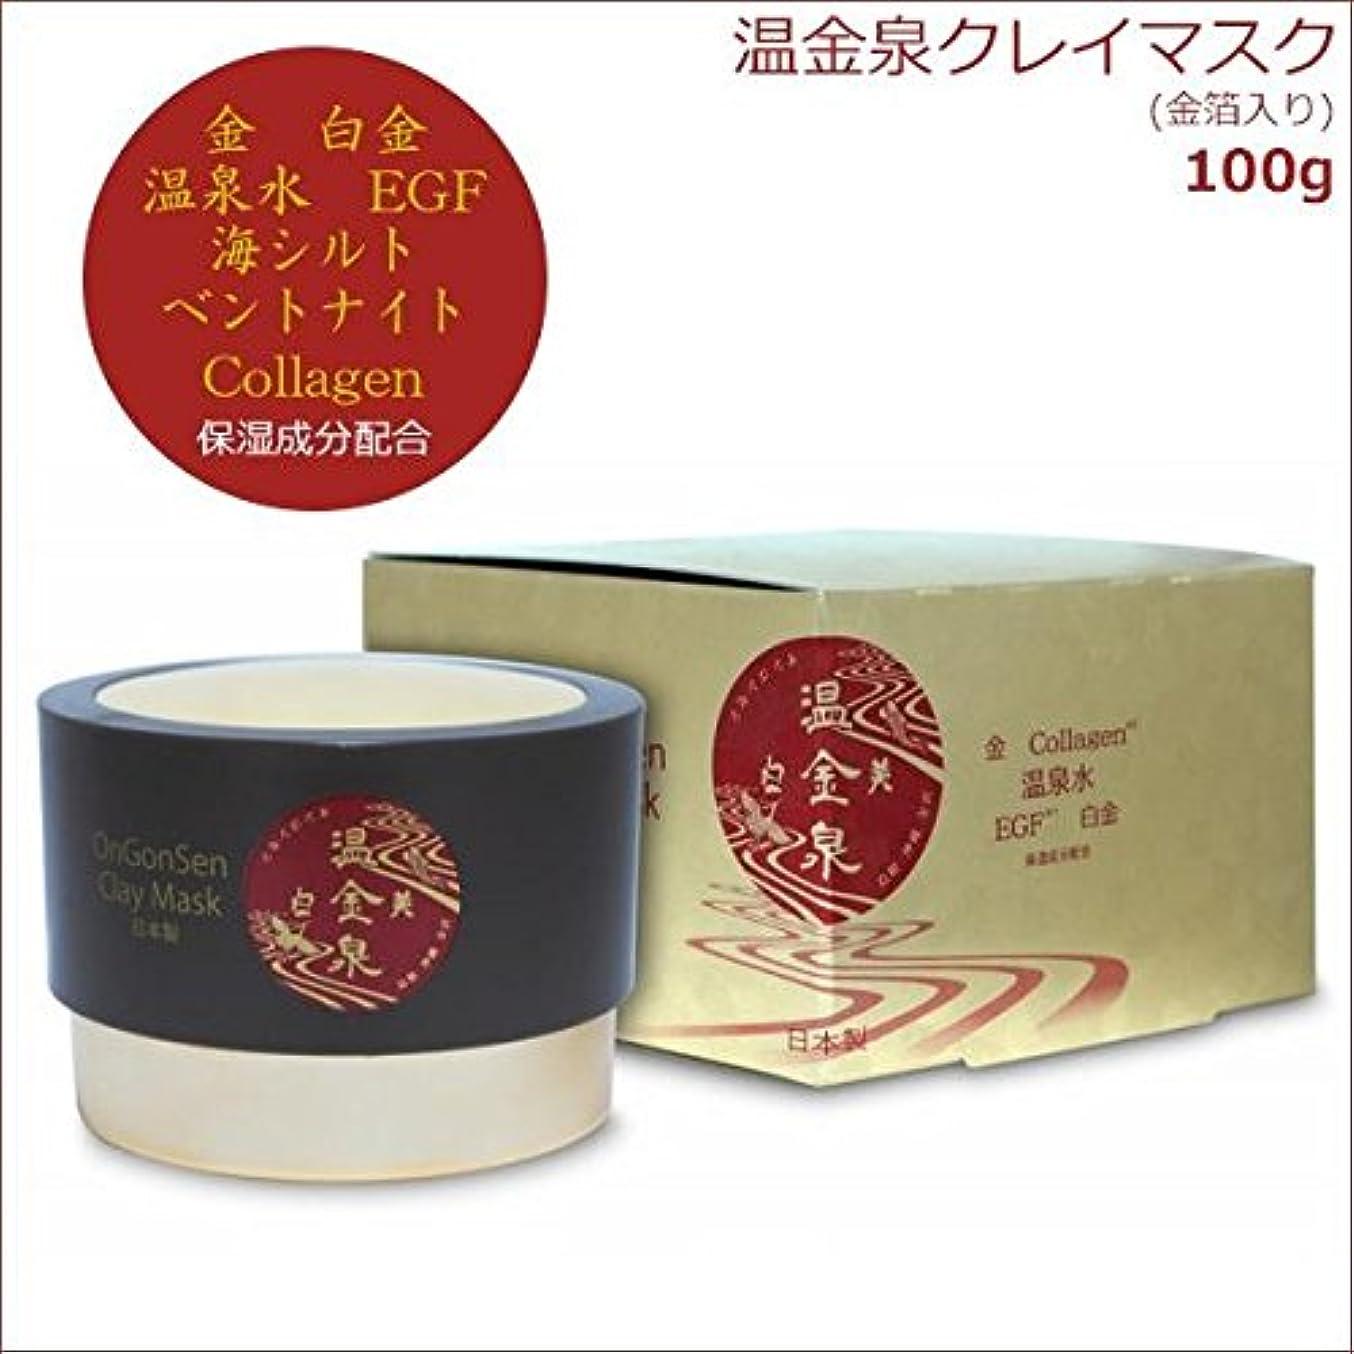 トランクライブラリもう一度偶然の日本製 HiROSOPHY ヒロソフィー 温金泉(オンゴンセン)クレイマスク 金箔入り 100g